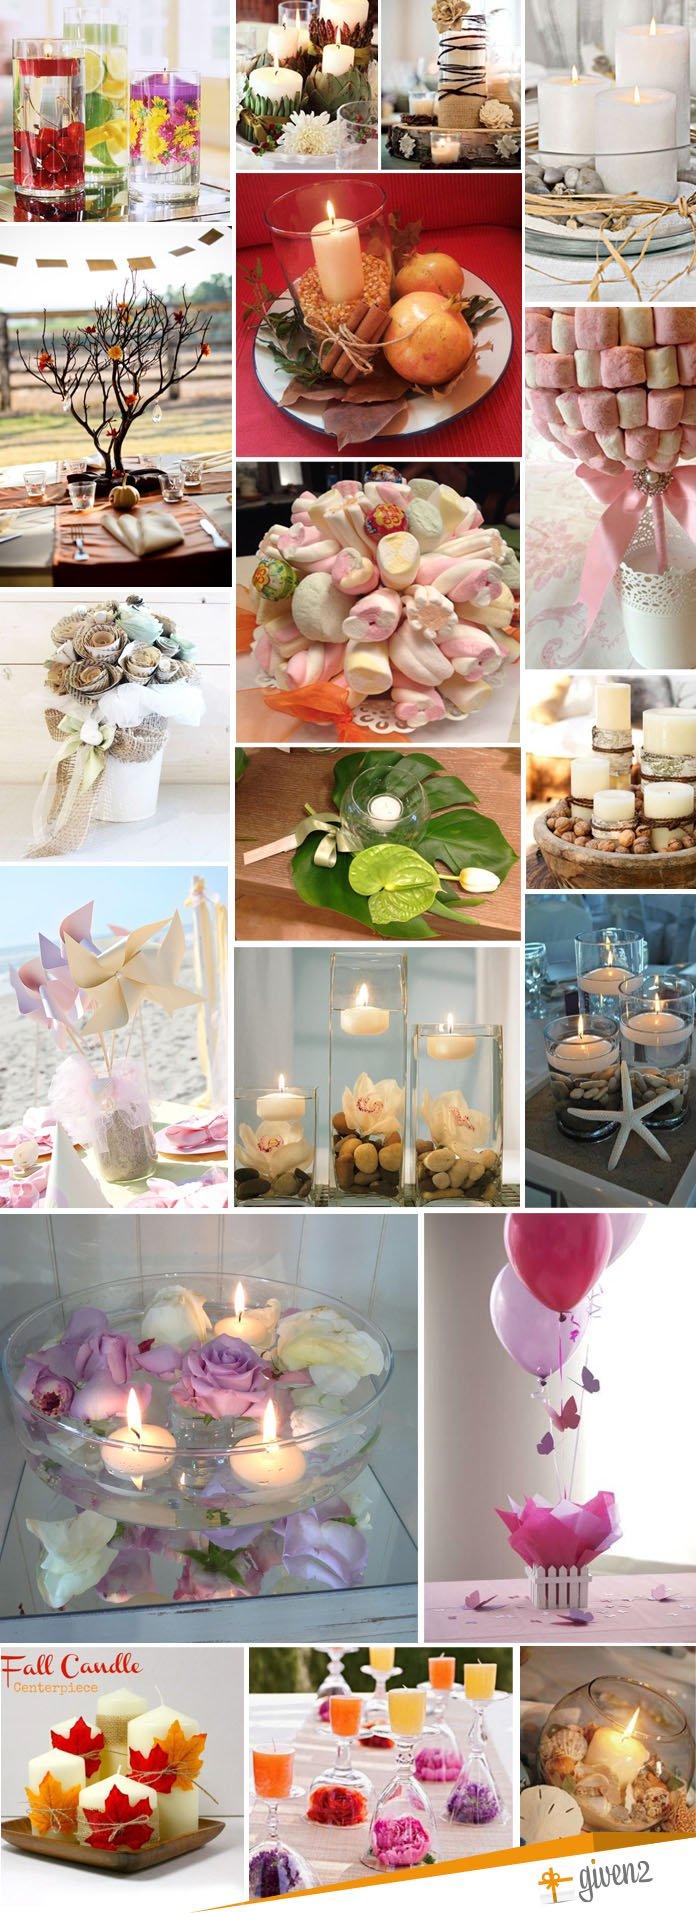 centros de mesa para bodas bricolaje